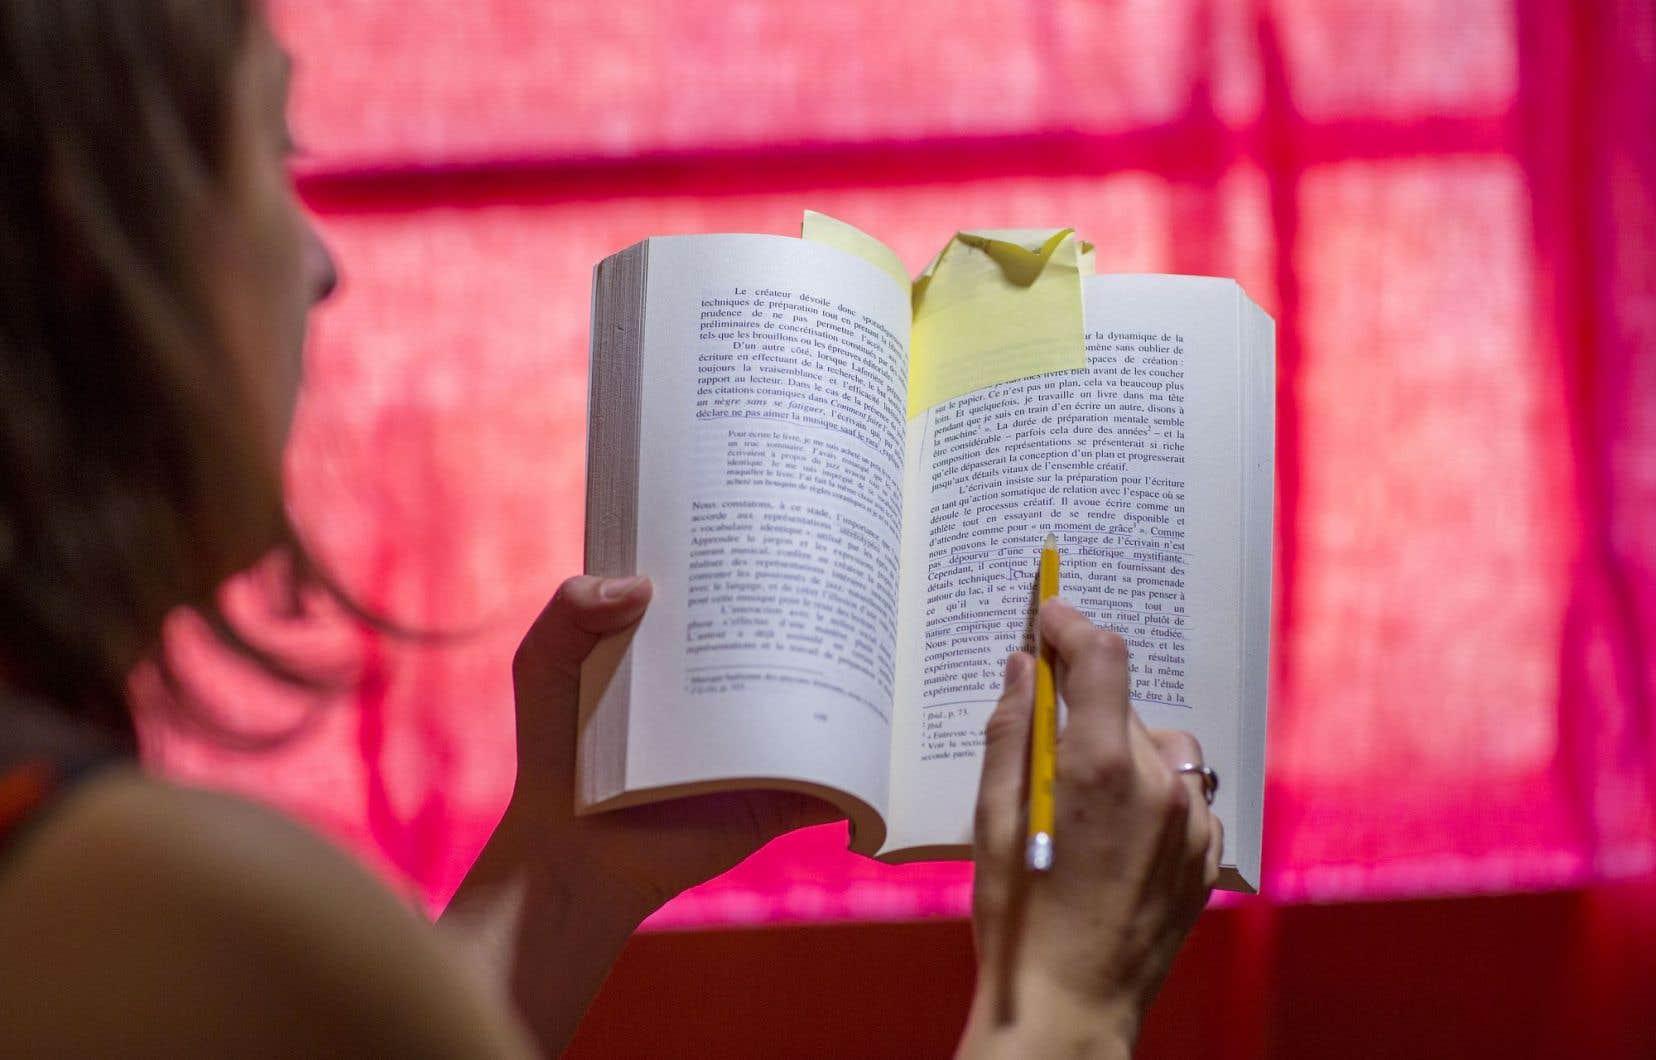 La question des droits d'auteur et du milieu de l'éducation est complexe et fait actuellement l'objet de deux actions judiciaires.